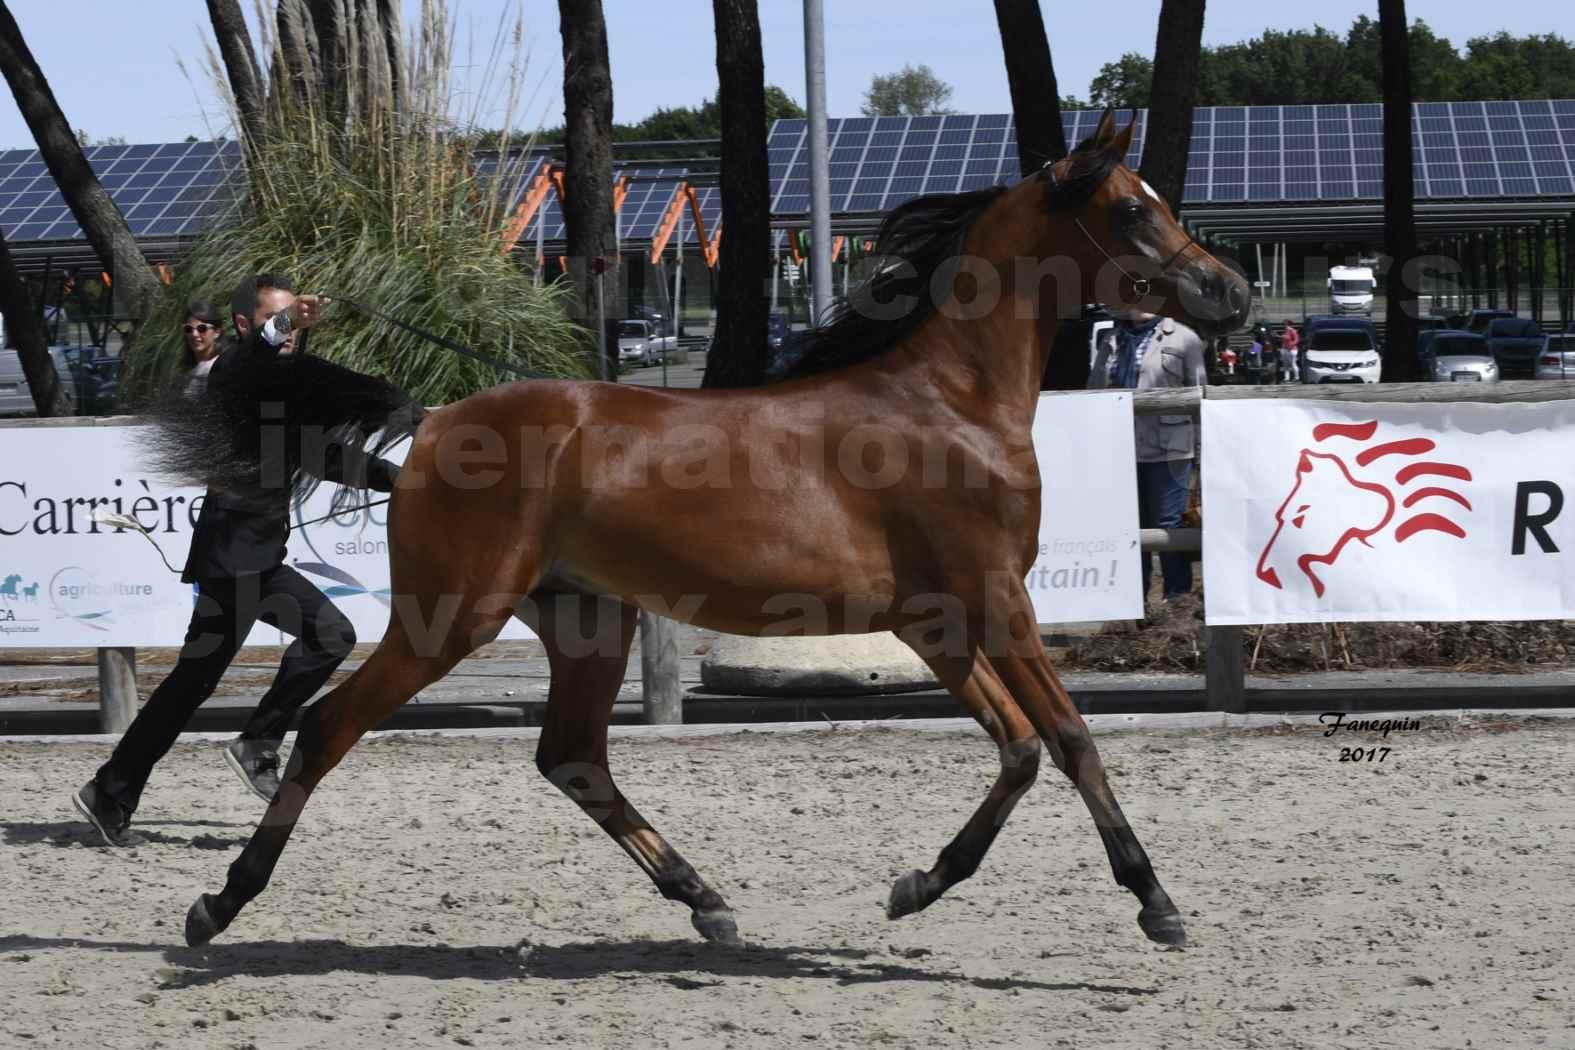 """Concours international de chevaux ARABES - """"Arabian Masters"""" Bordeaux 2017 - JABBOK DE NAUTIAC - 35"""